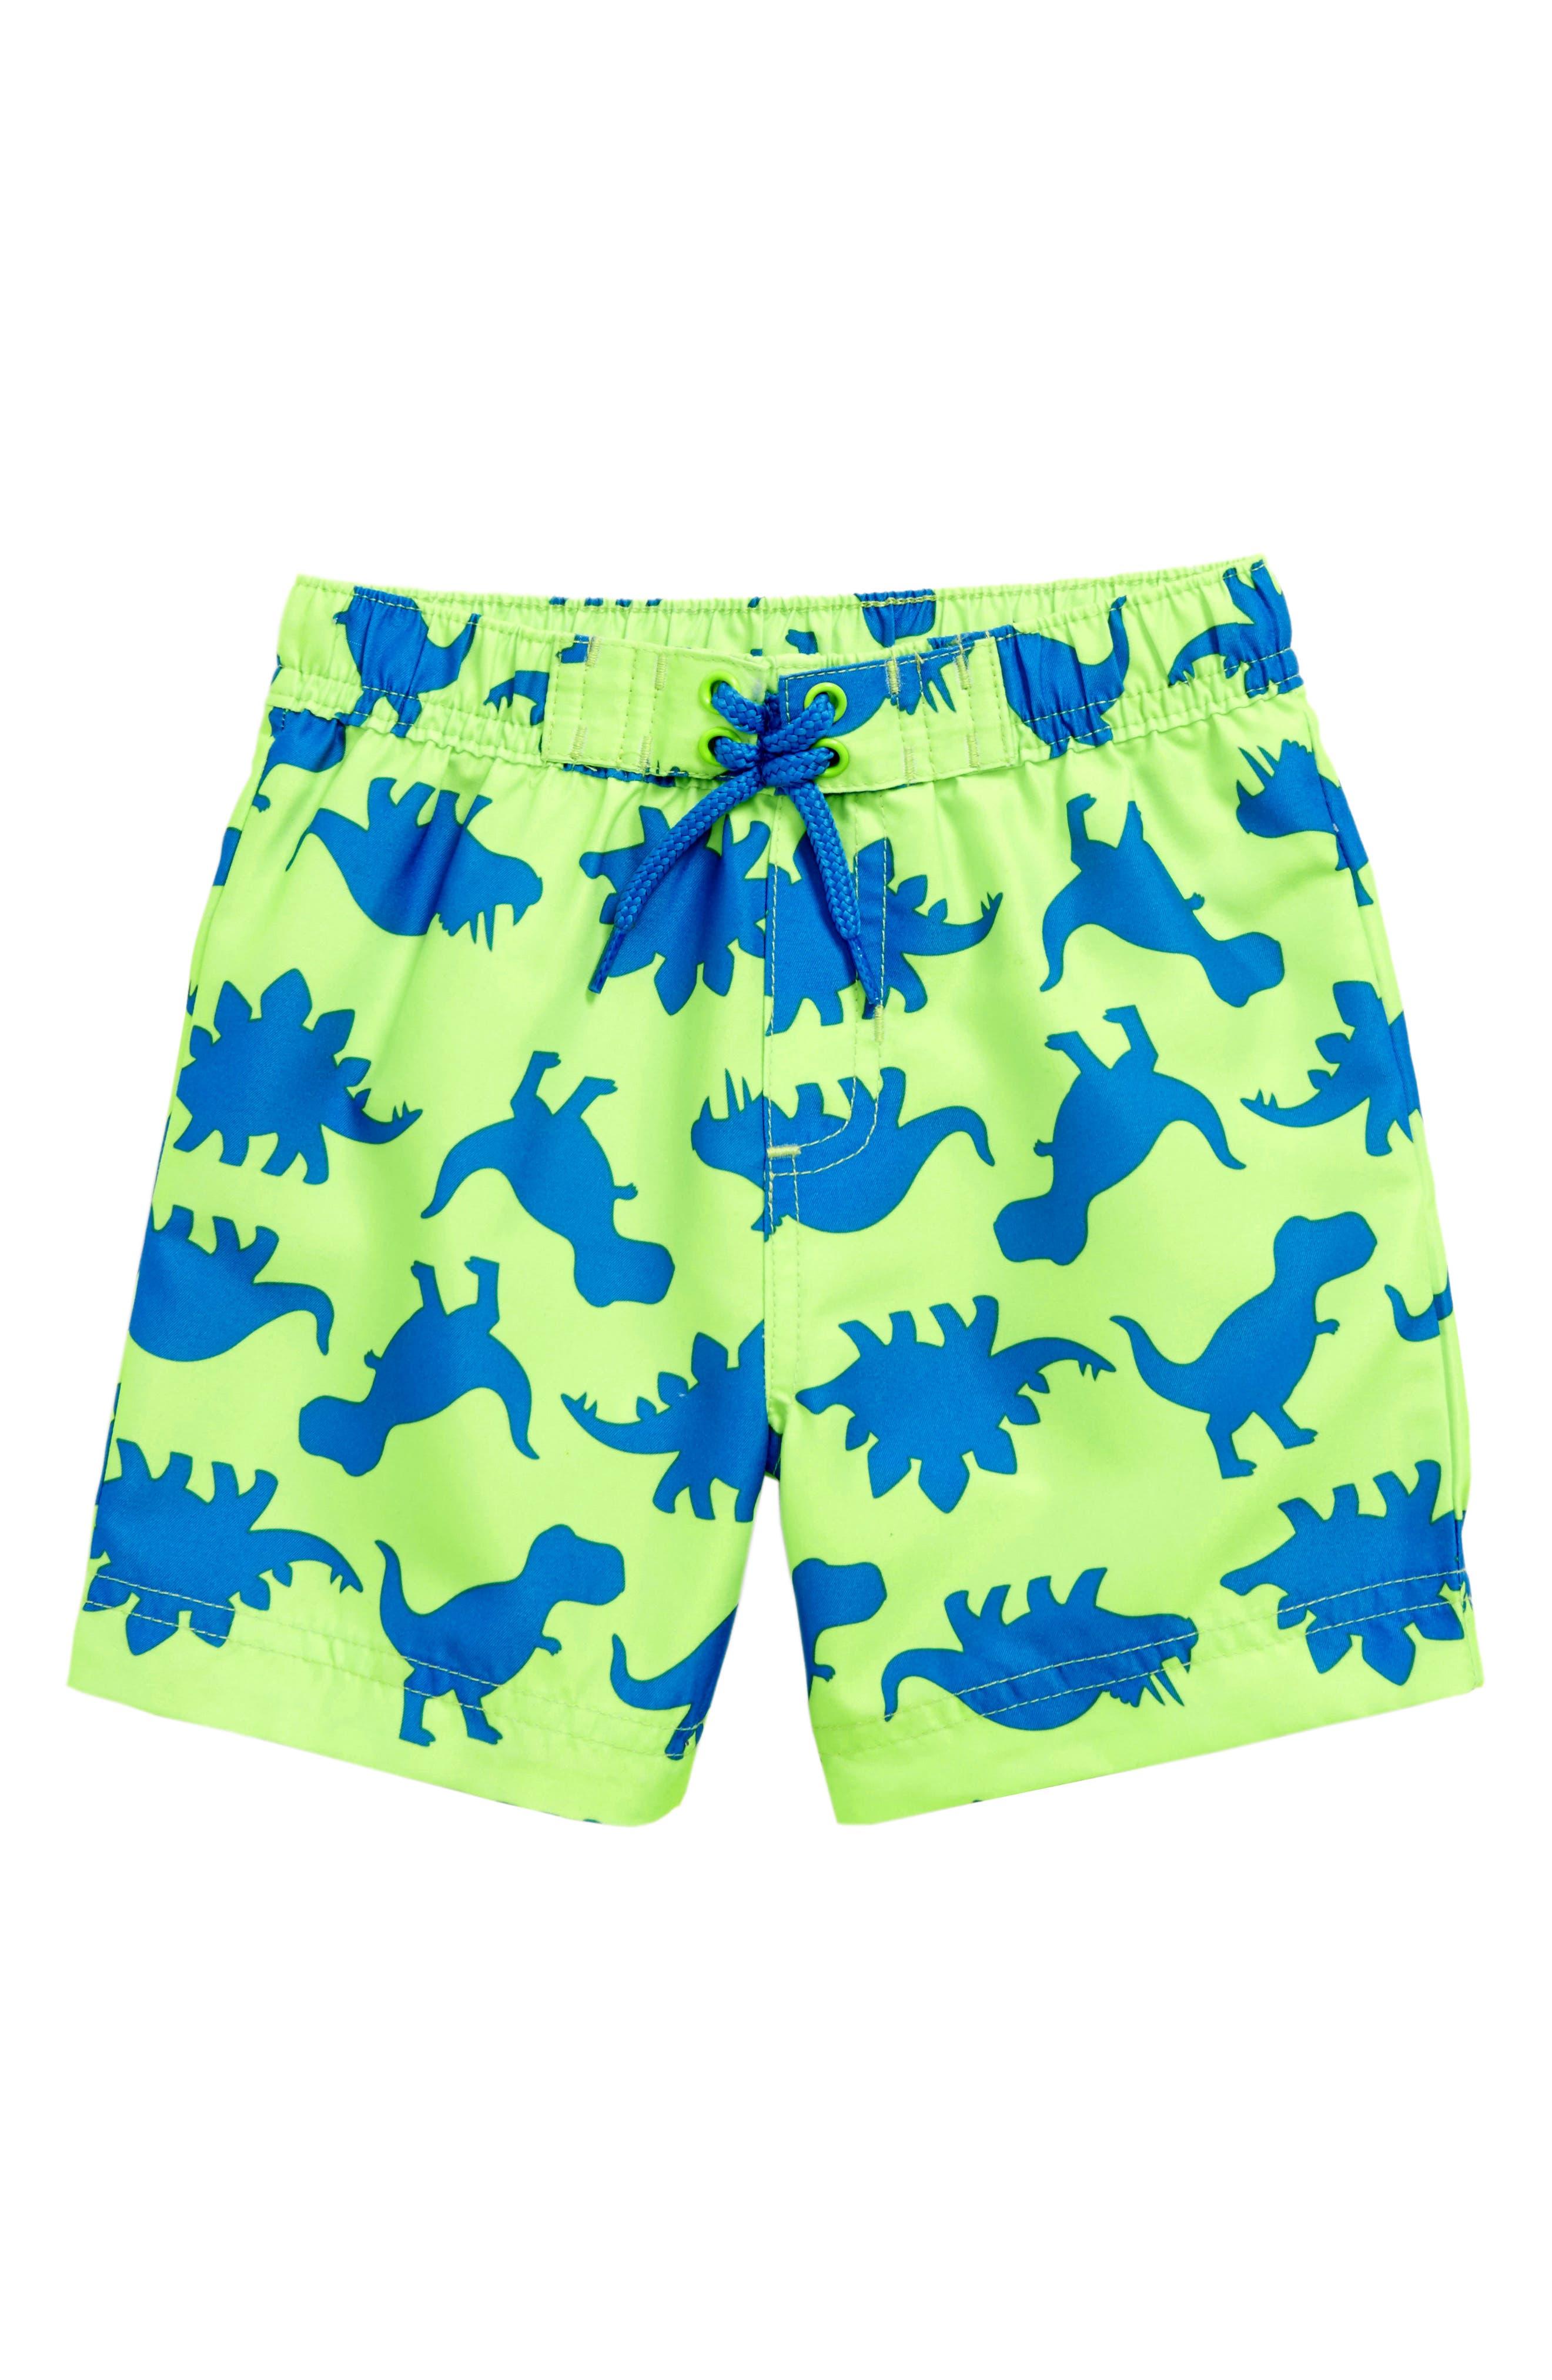 Dino UPF 50+ Swim Trunks,                             Main thumbnail 1, color,                             399